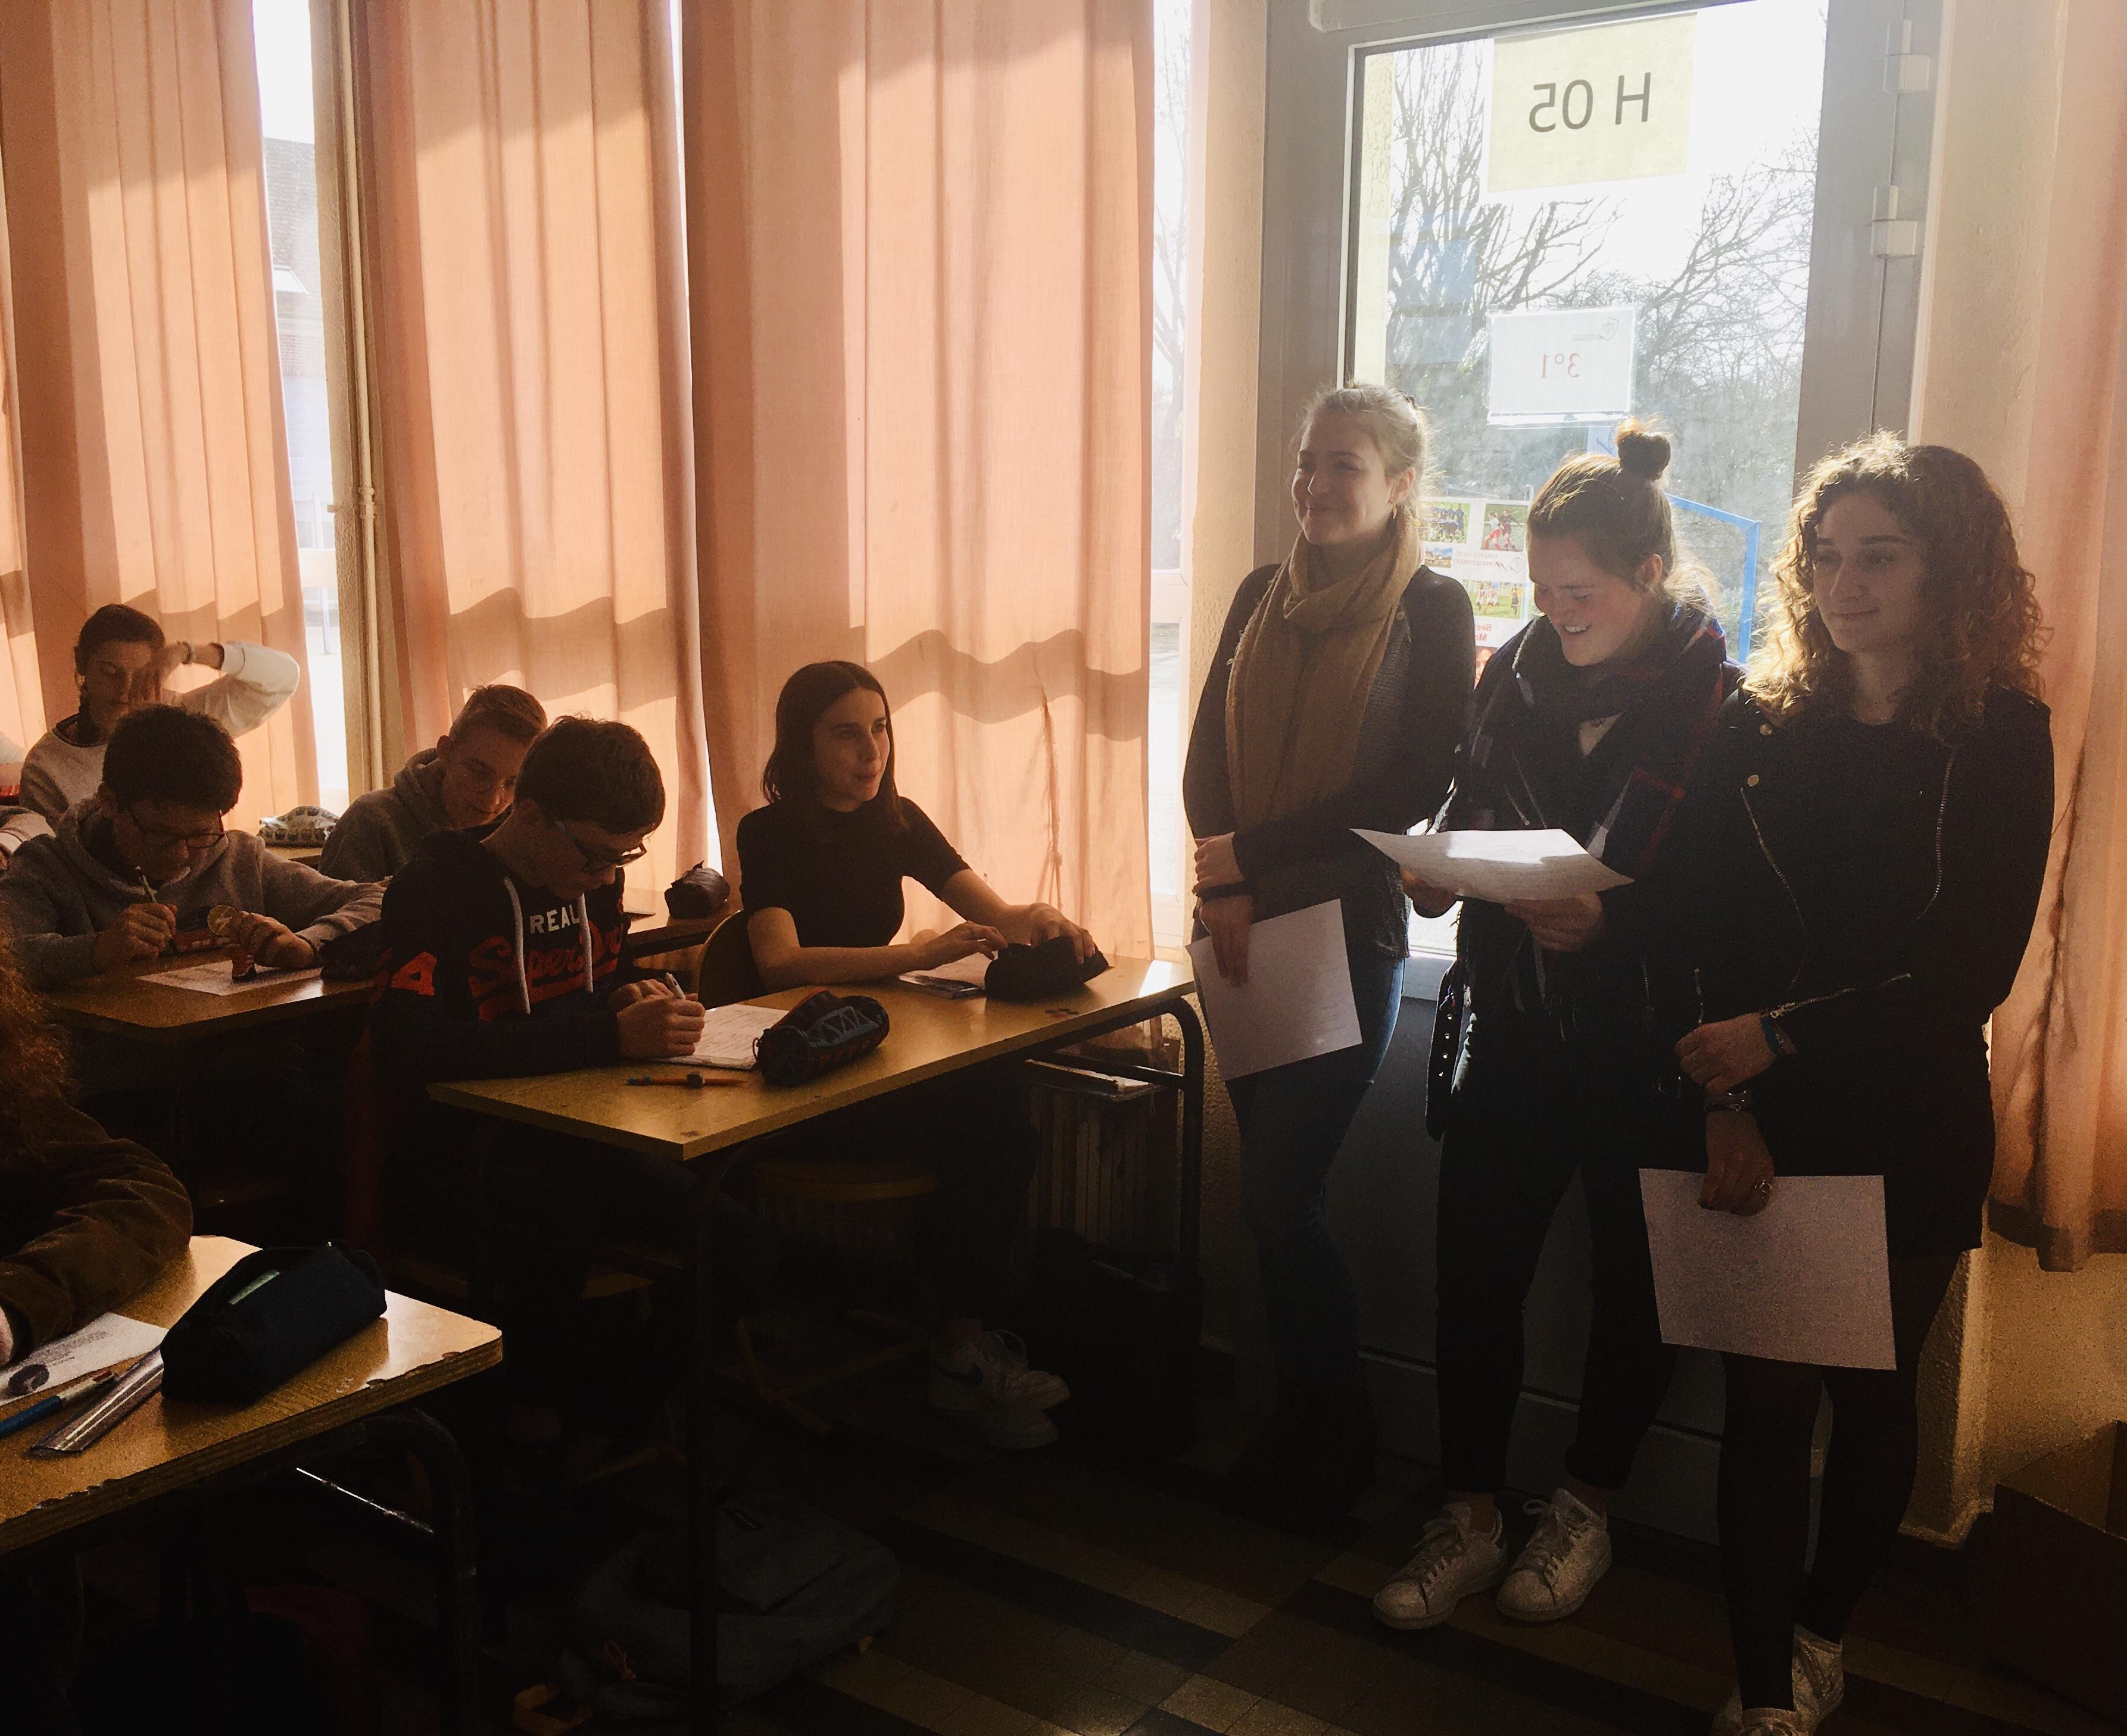 Les élèves de 1ère présentent l'italien à d'autres élèves